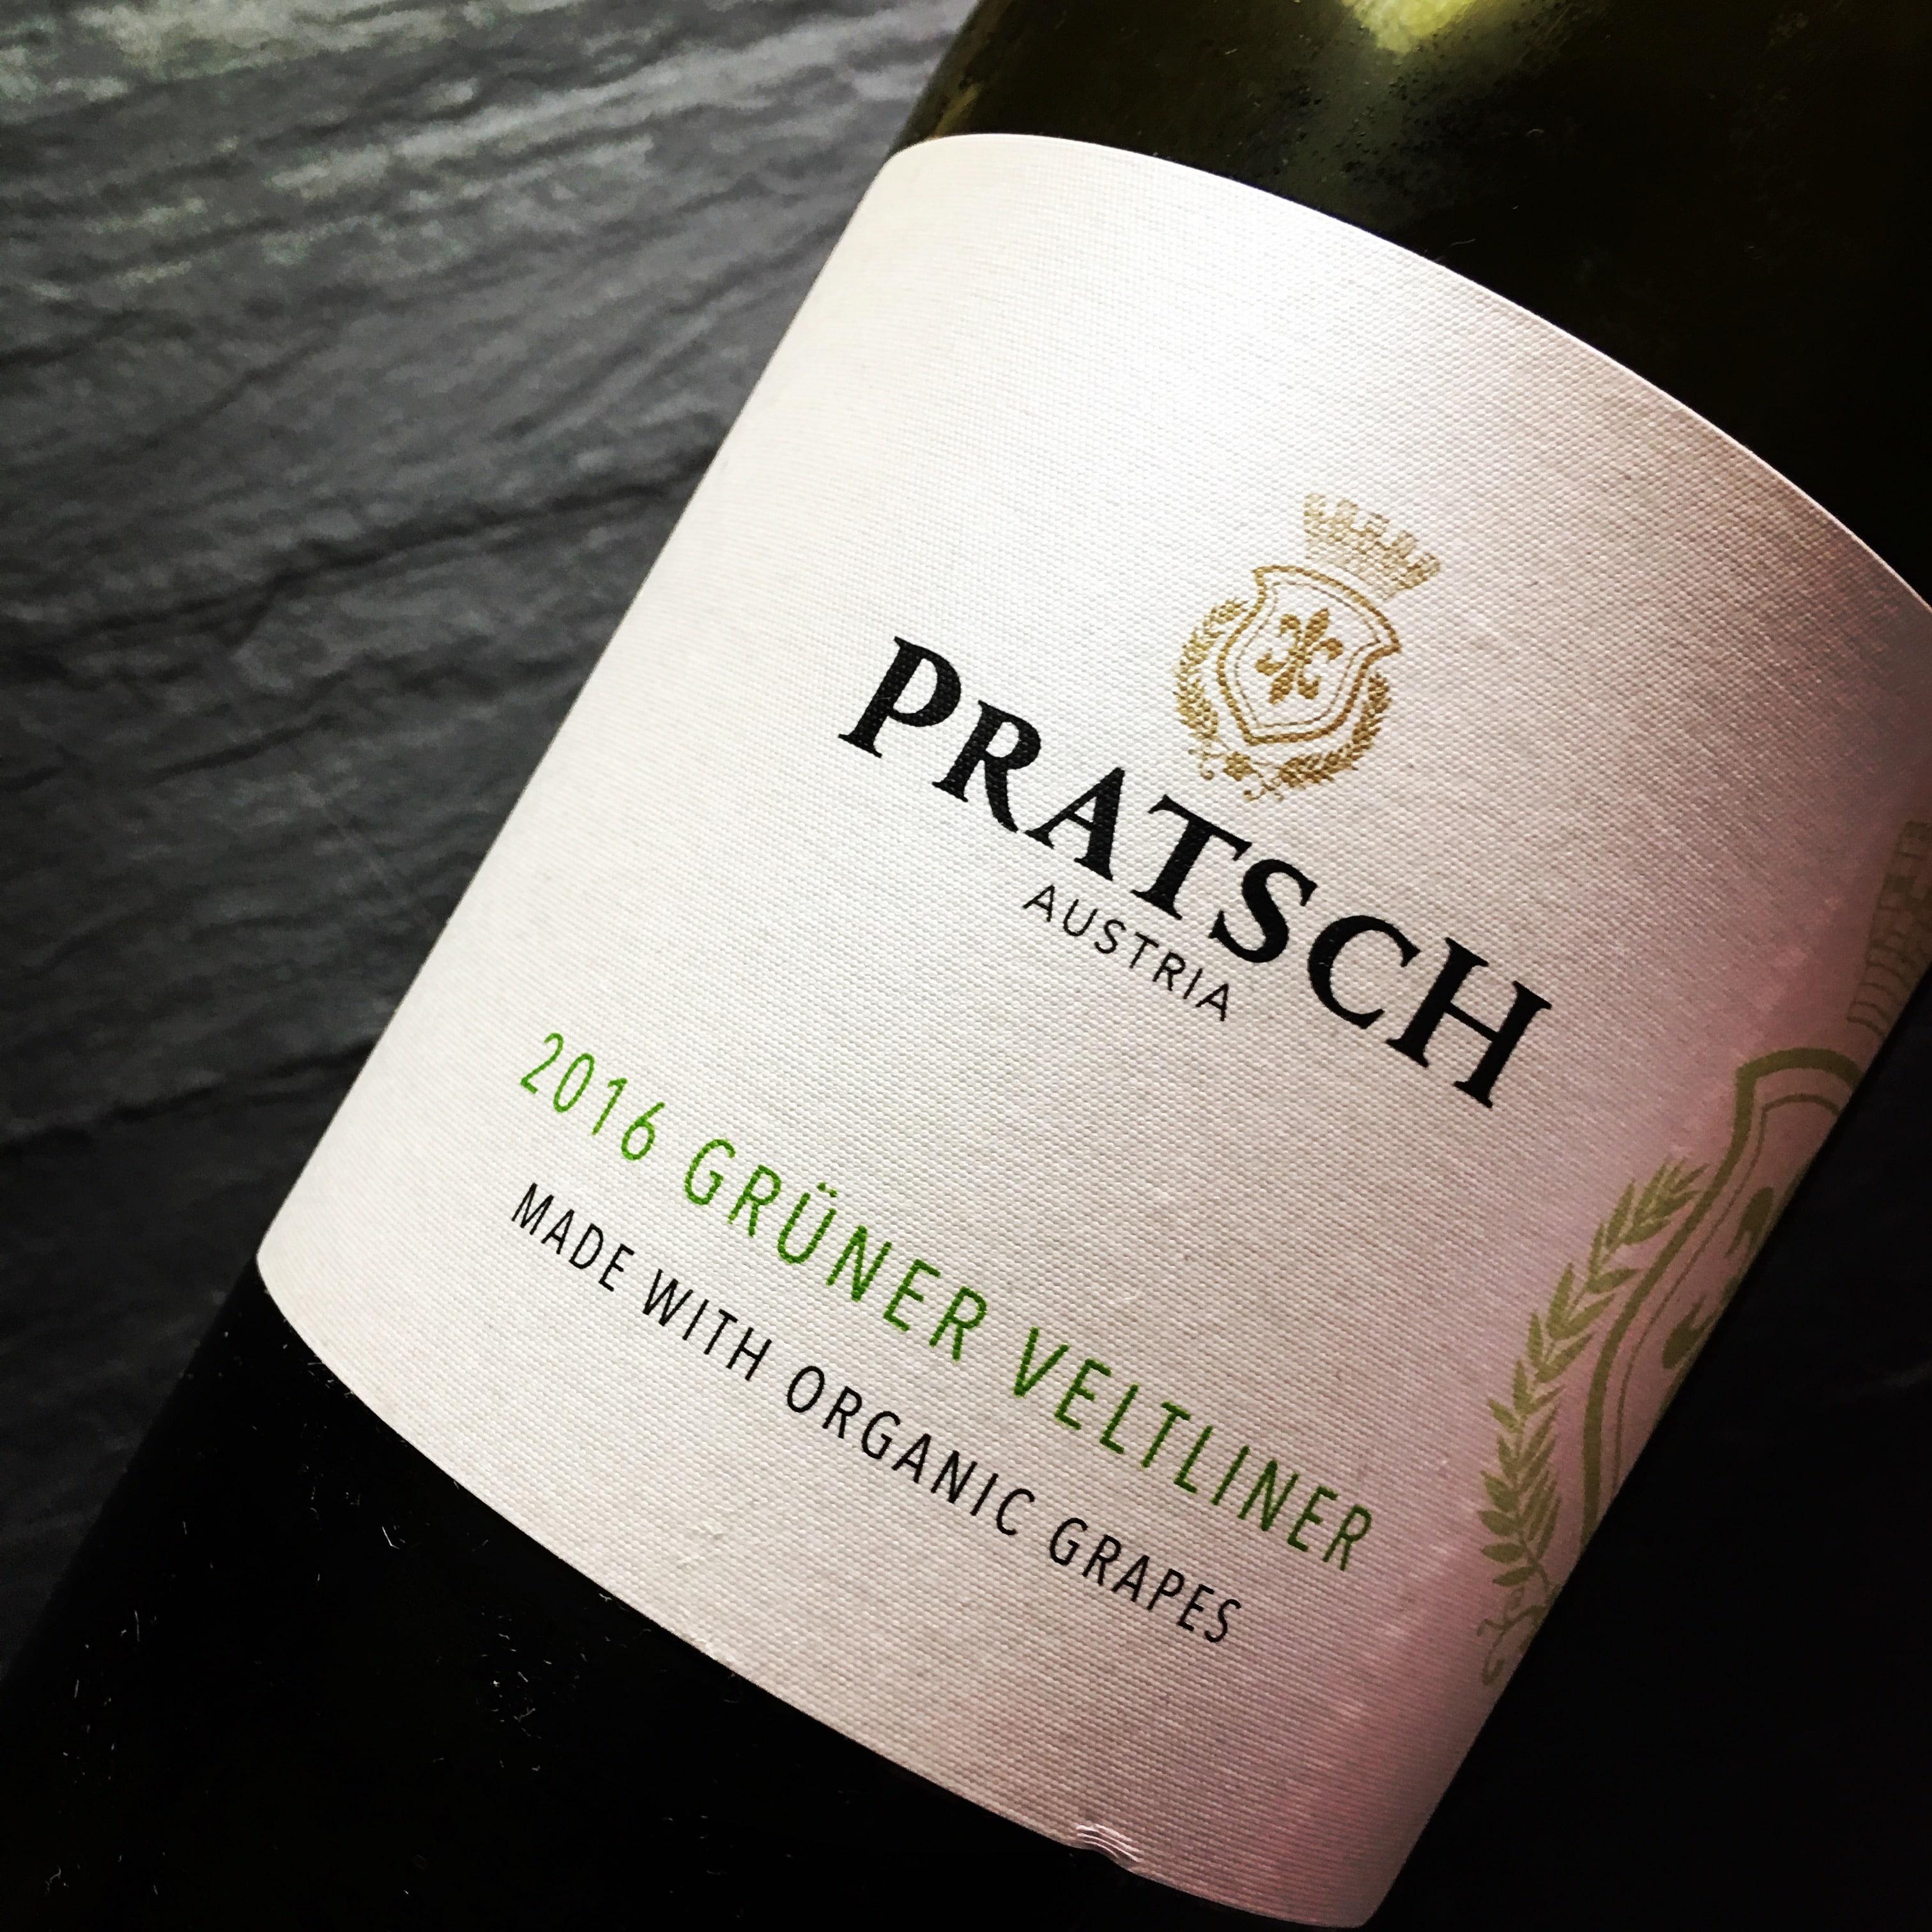 Biohof Pratsch Grüner Veltliner 2016